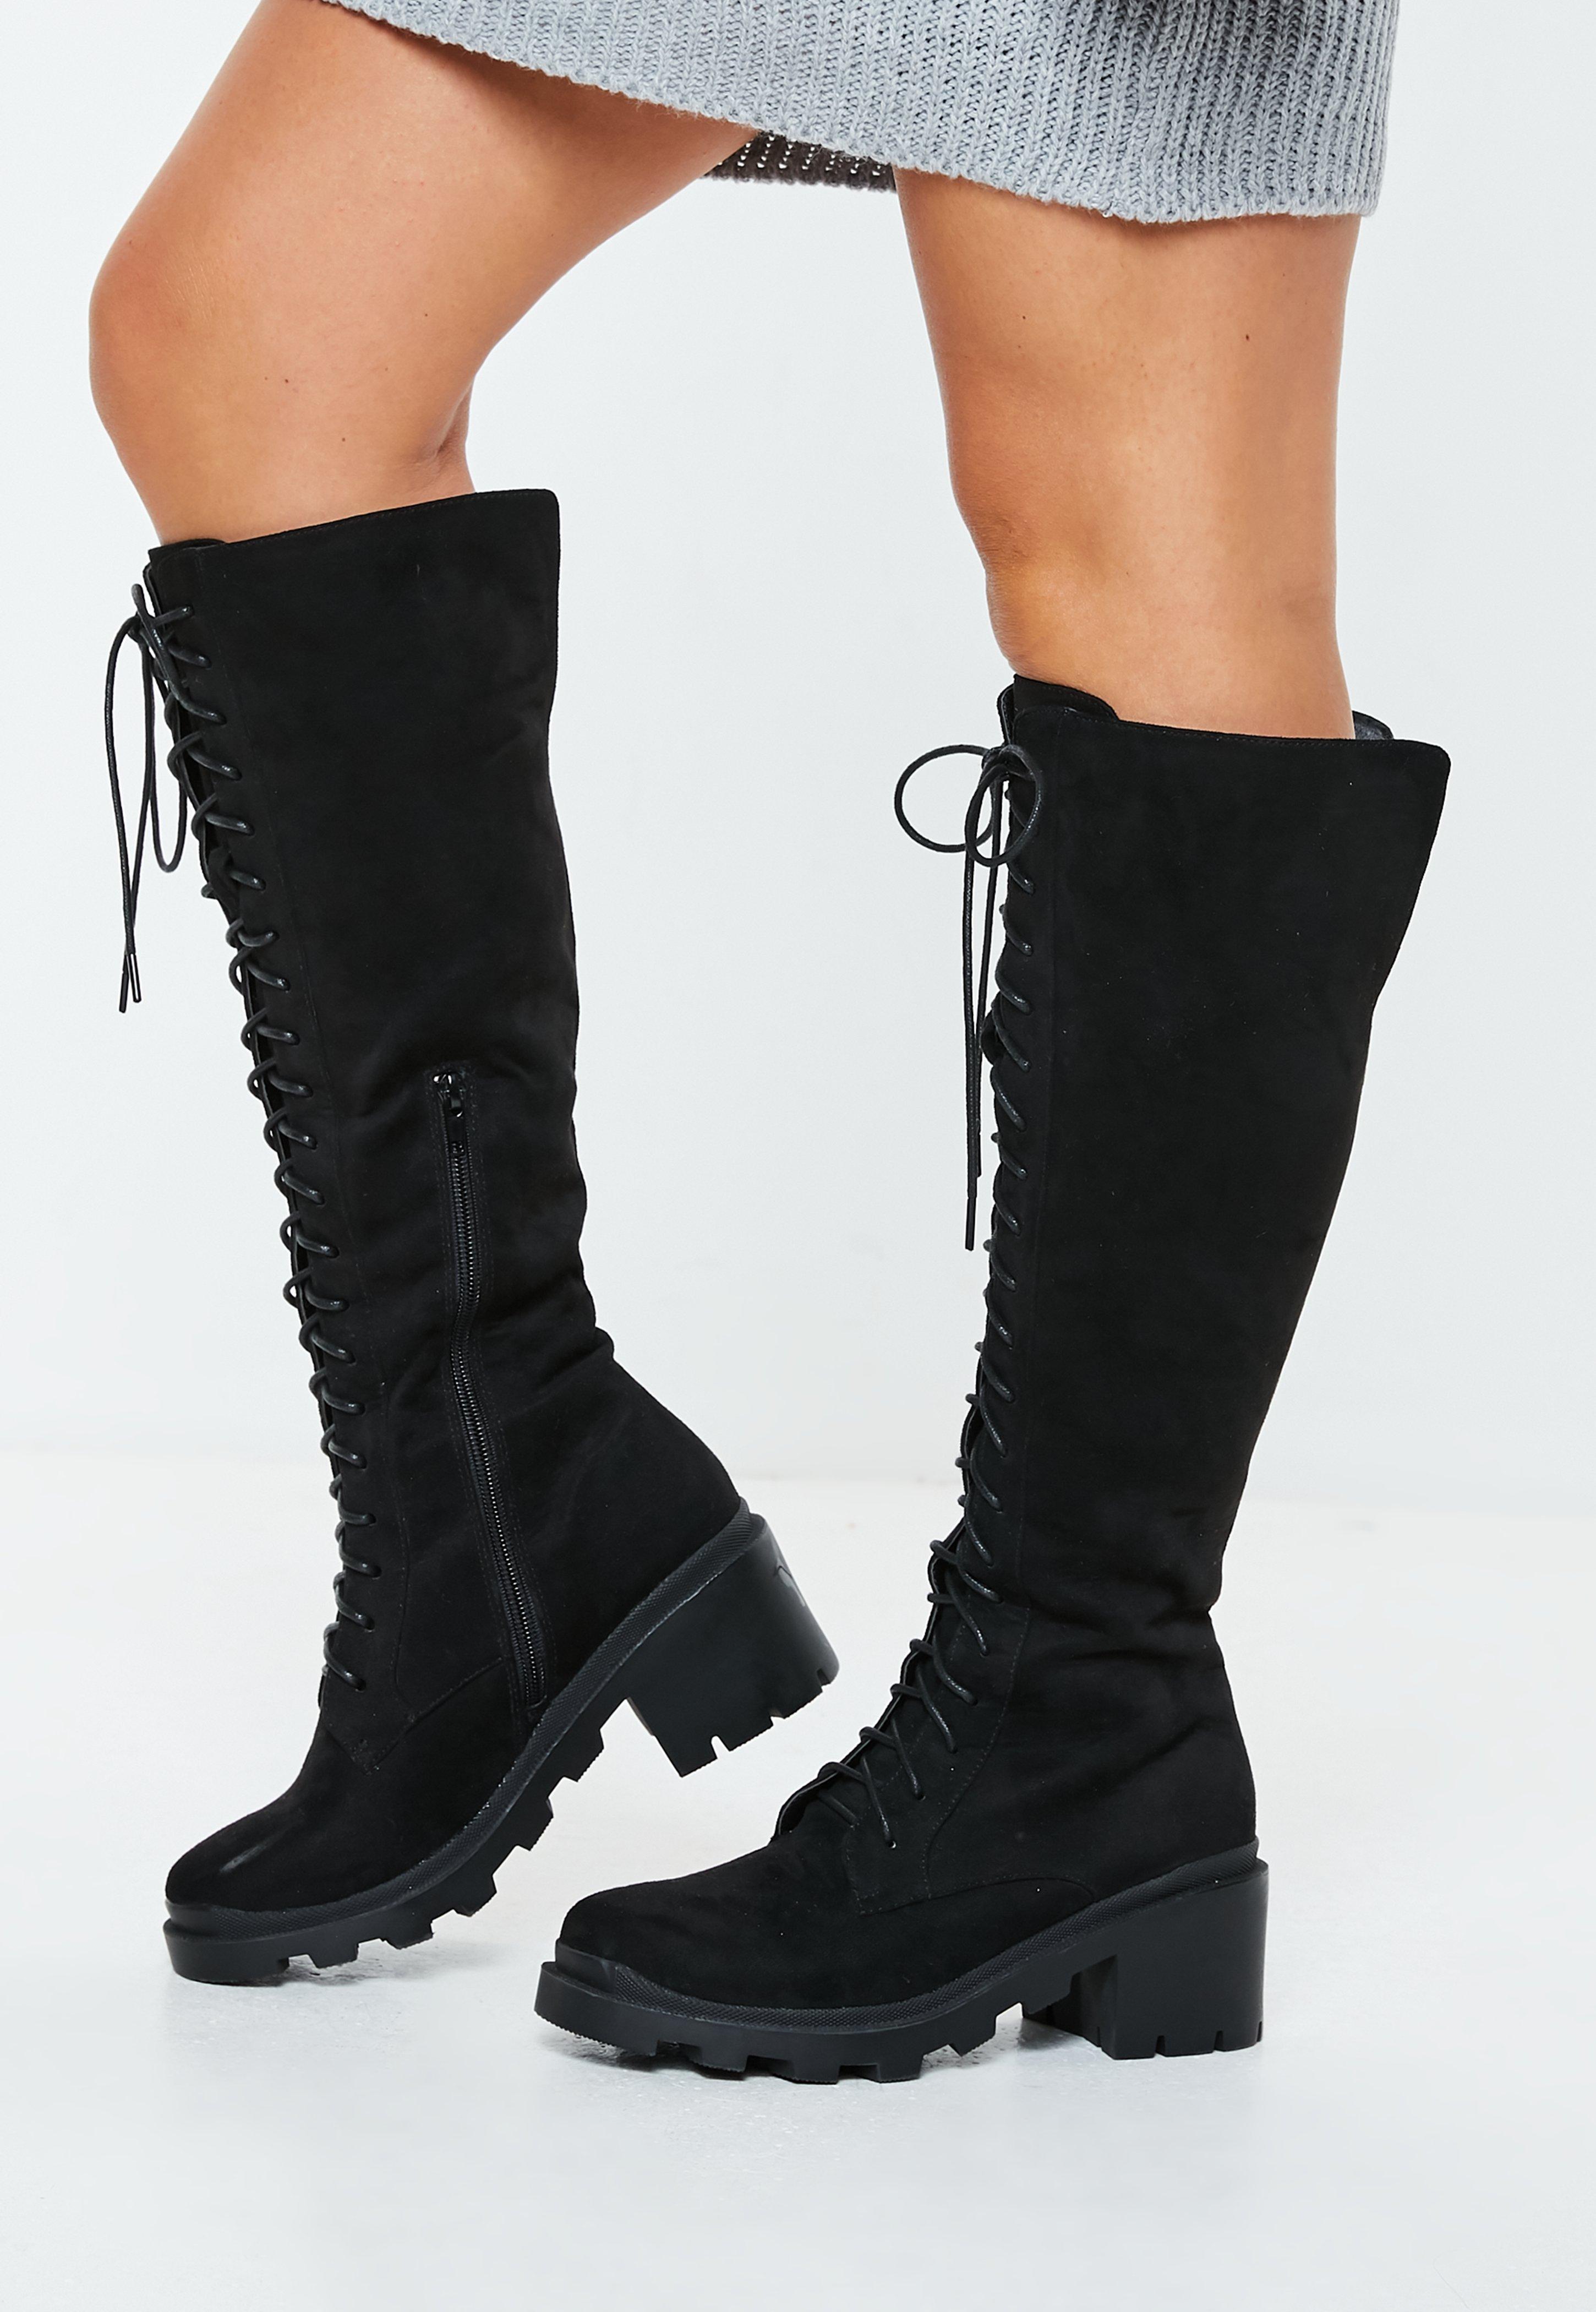 359cc3a34a360 Thigh High Boots - Knee High Boots